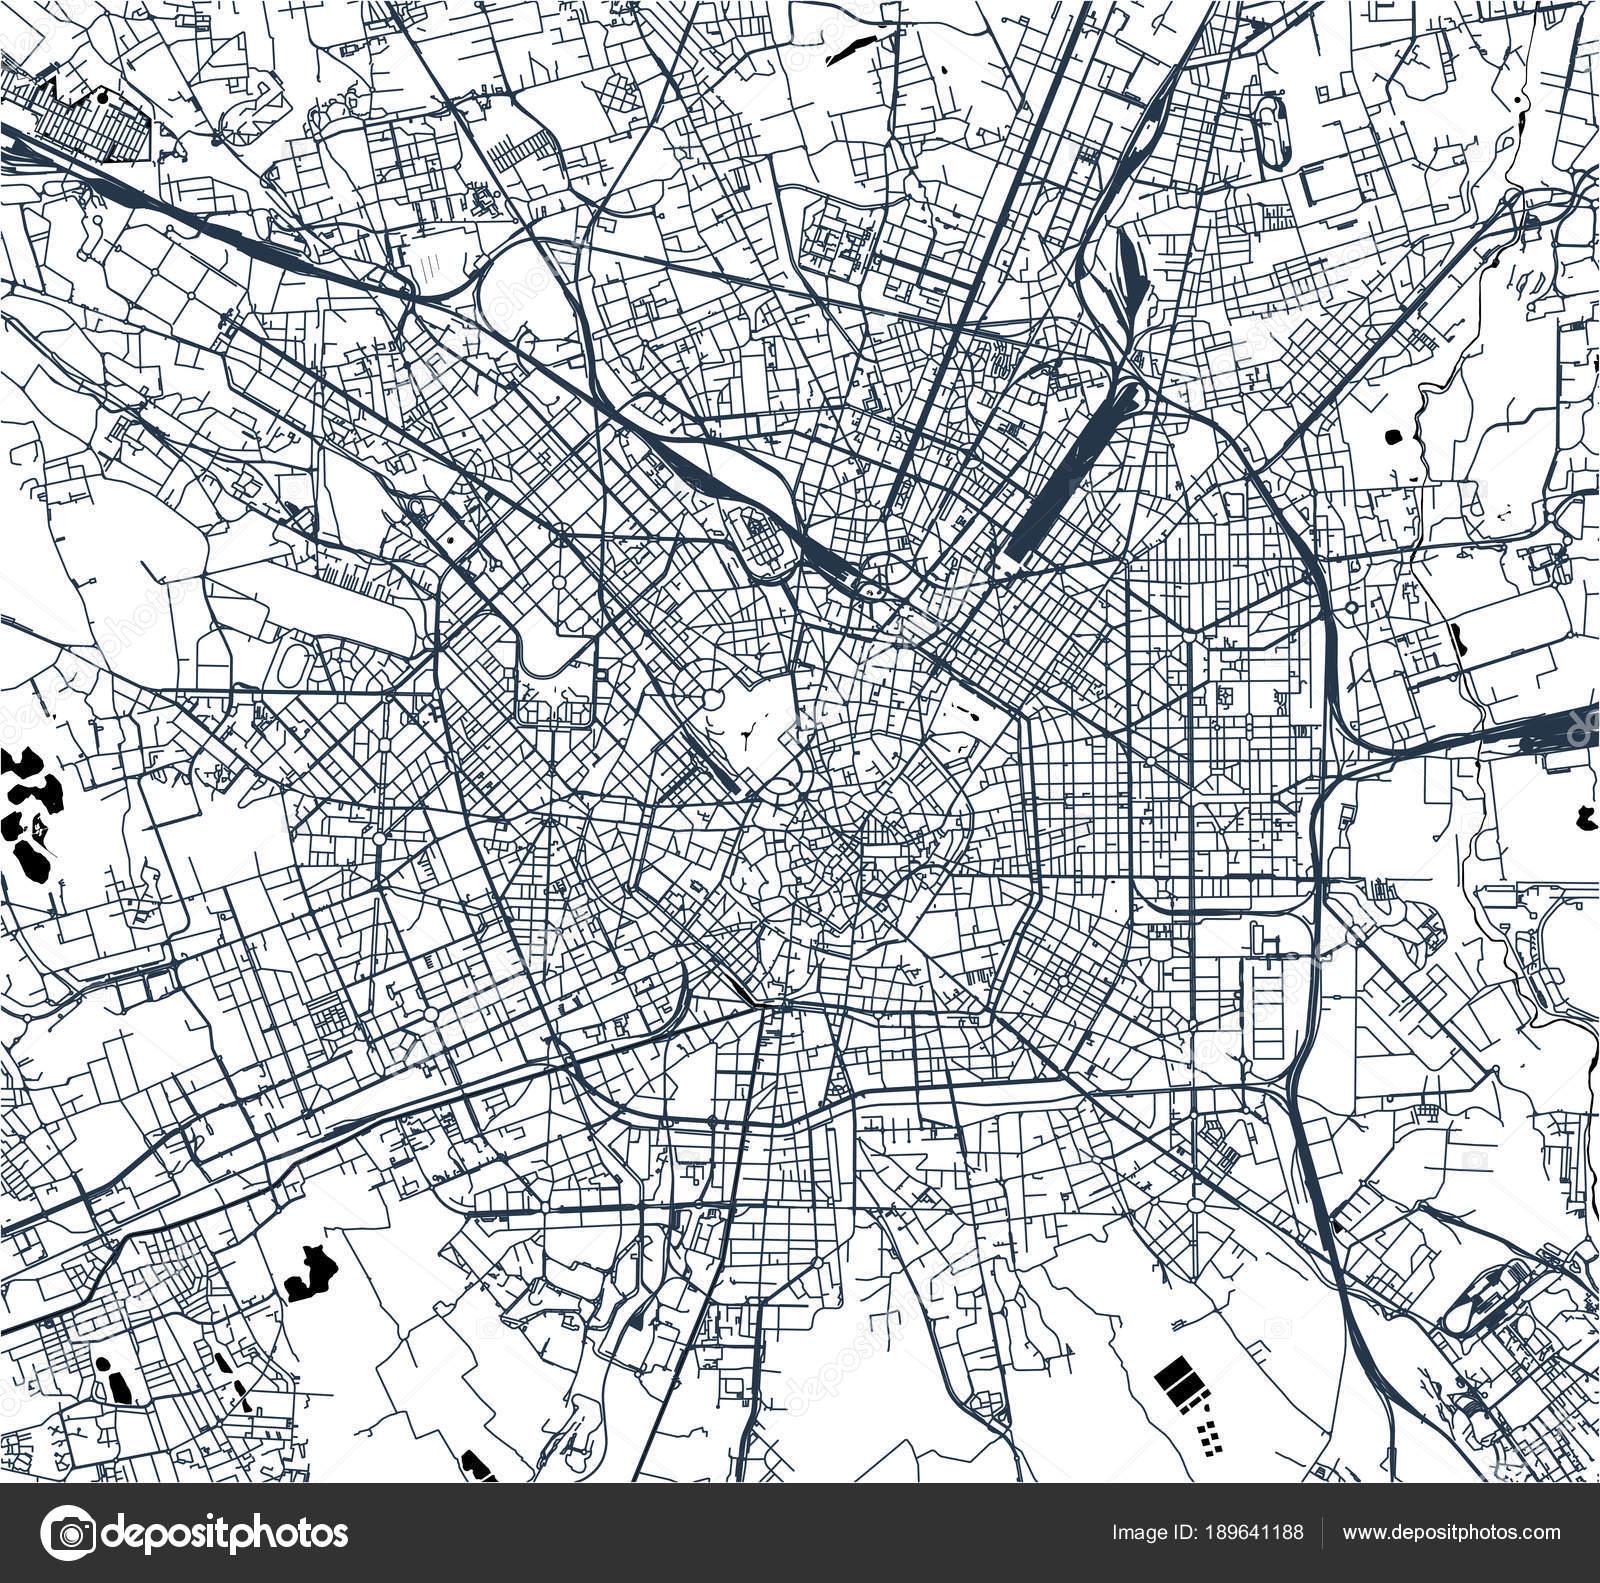 Mapa de la ciudad de miln capital de lombarda italia archivo mapa de la ciudad de miln capital de lombarda italia archivo imgenes vectoriales gumiabroncs Choice Image